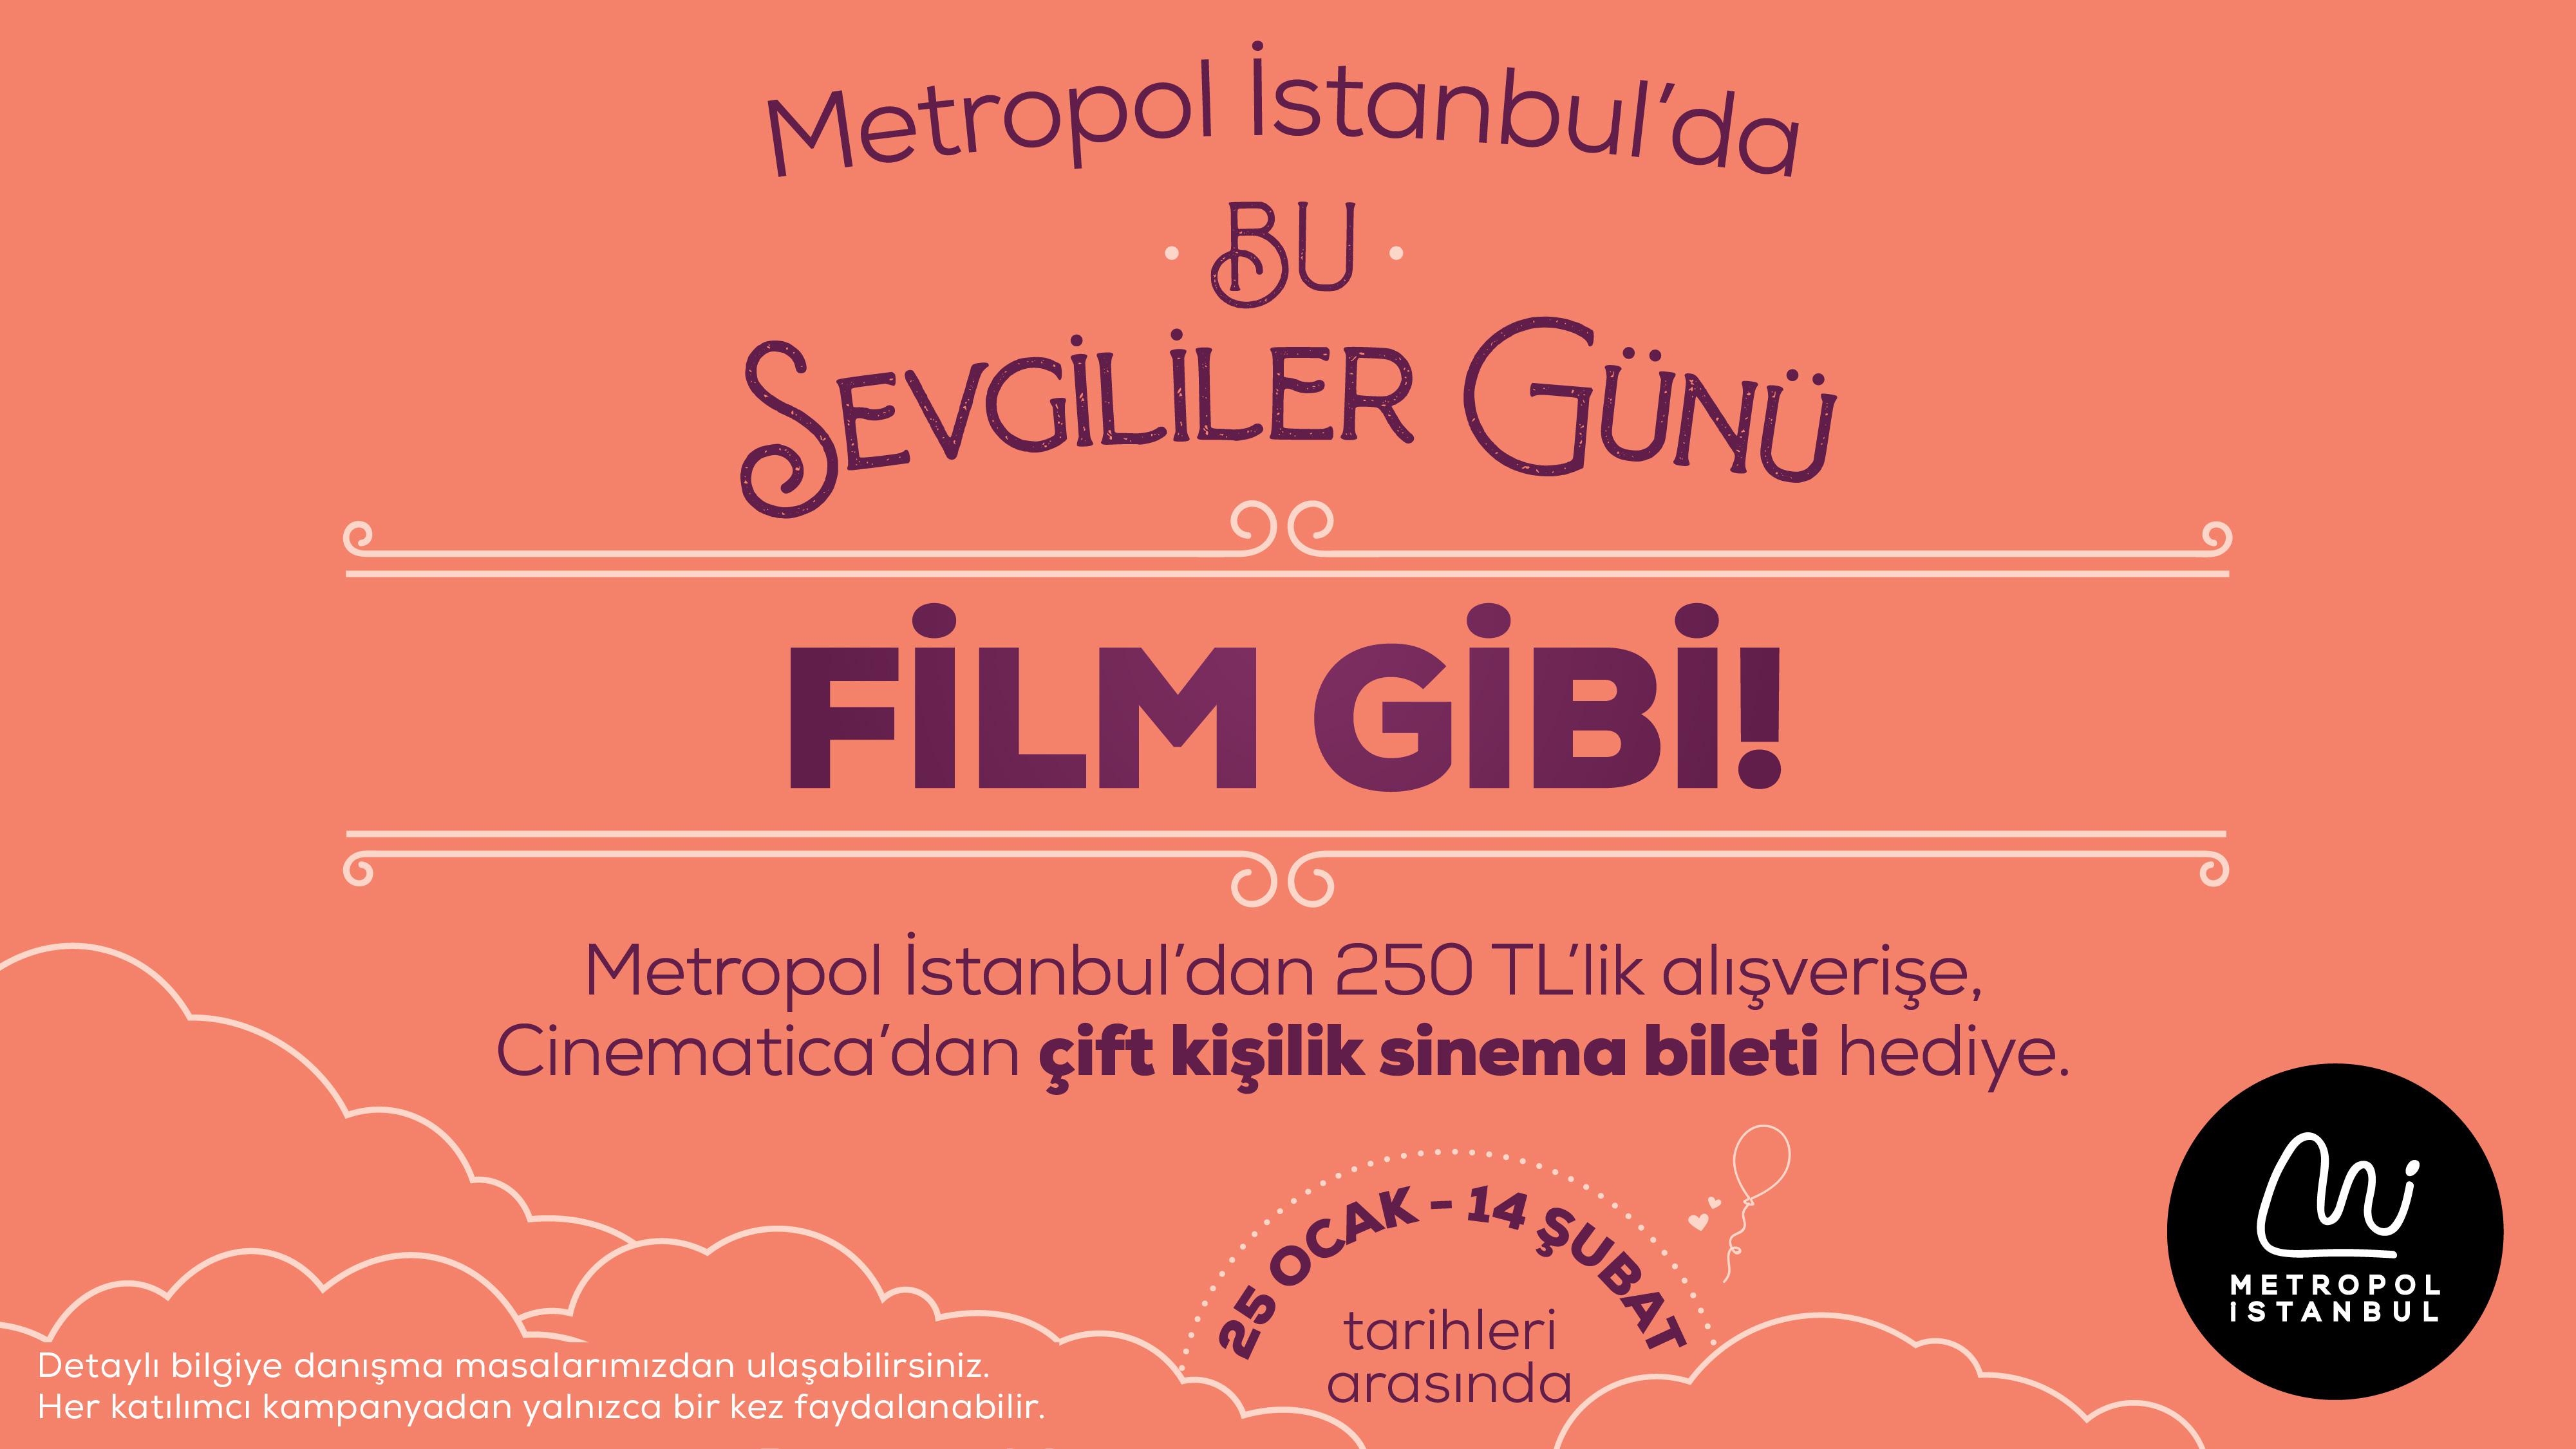 Sevgililer Günü'nde; romantizme, dramaya ve aksiyona doymak isteyenler, Metropol İstanbul'u tercih ediyor.